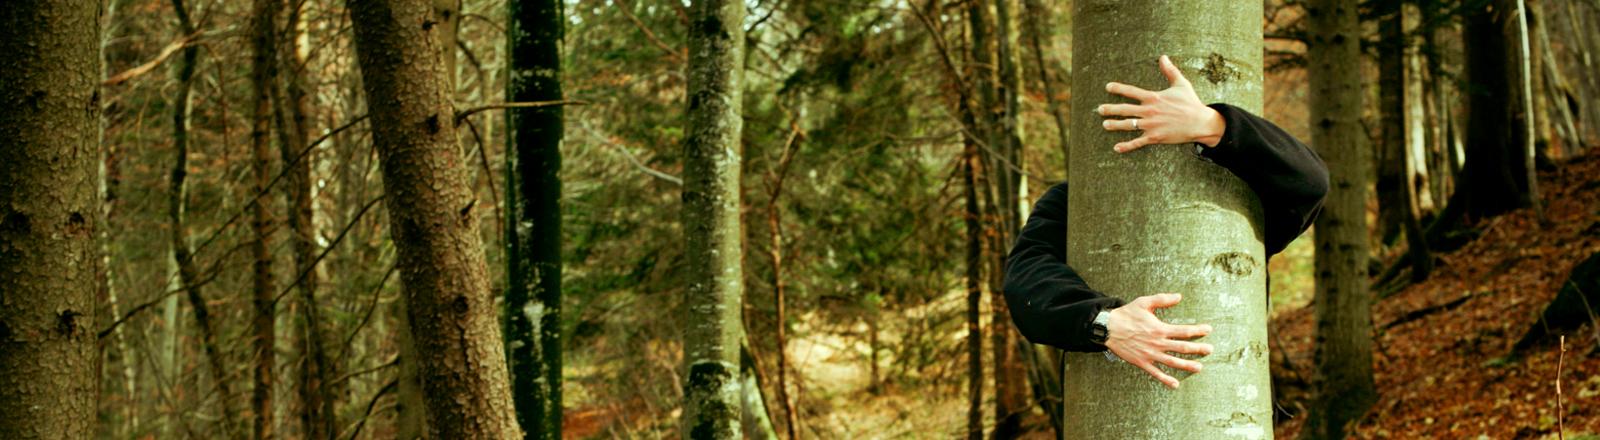 Ein Mann umarmt einen Baum im Wald.